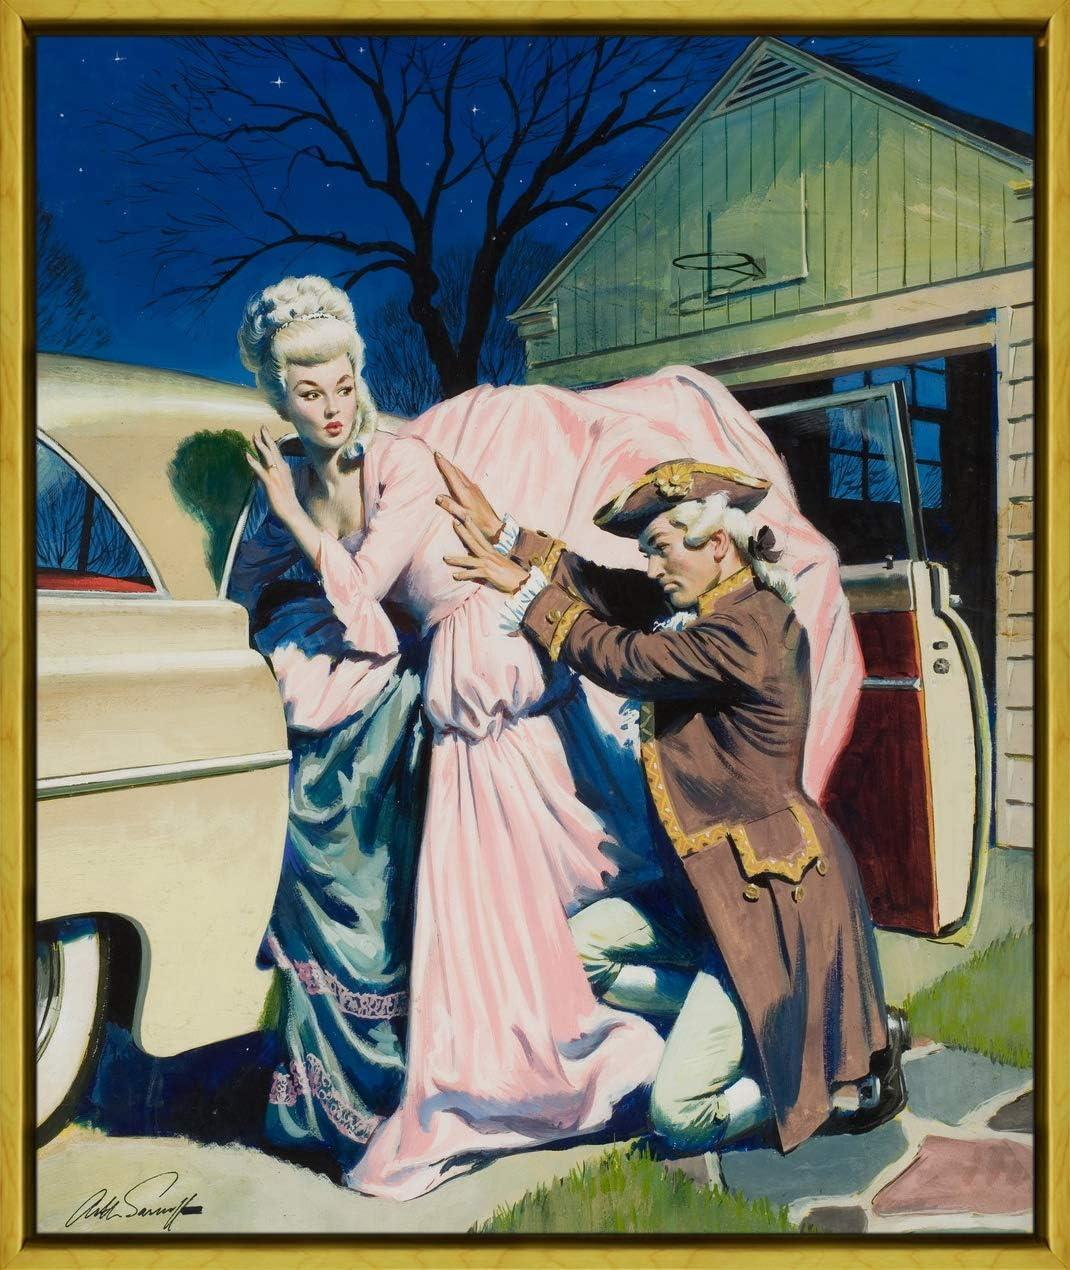 Berkin Arts Marco Arthur Saron Srnoff Giclee Lienzo Impresión Pintura Póster Reproducción Print (Sin titulo 2): Amazon.es: Hogar